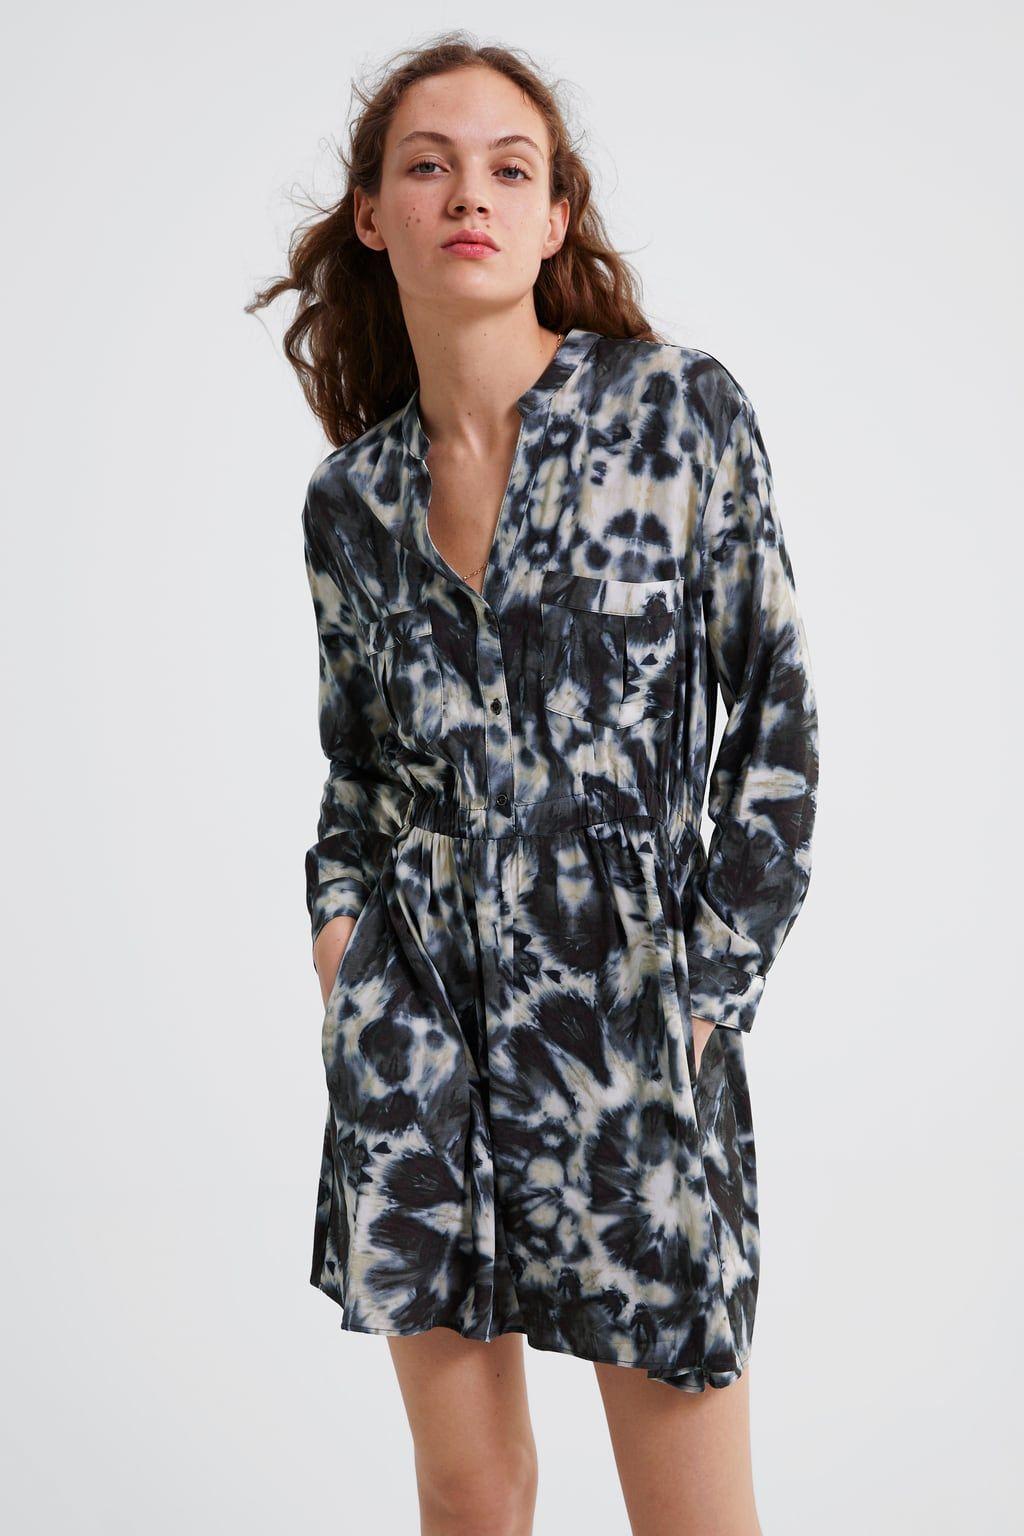 Zara Online Kleider Damen  seattle 2022